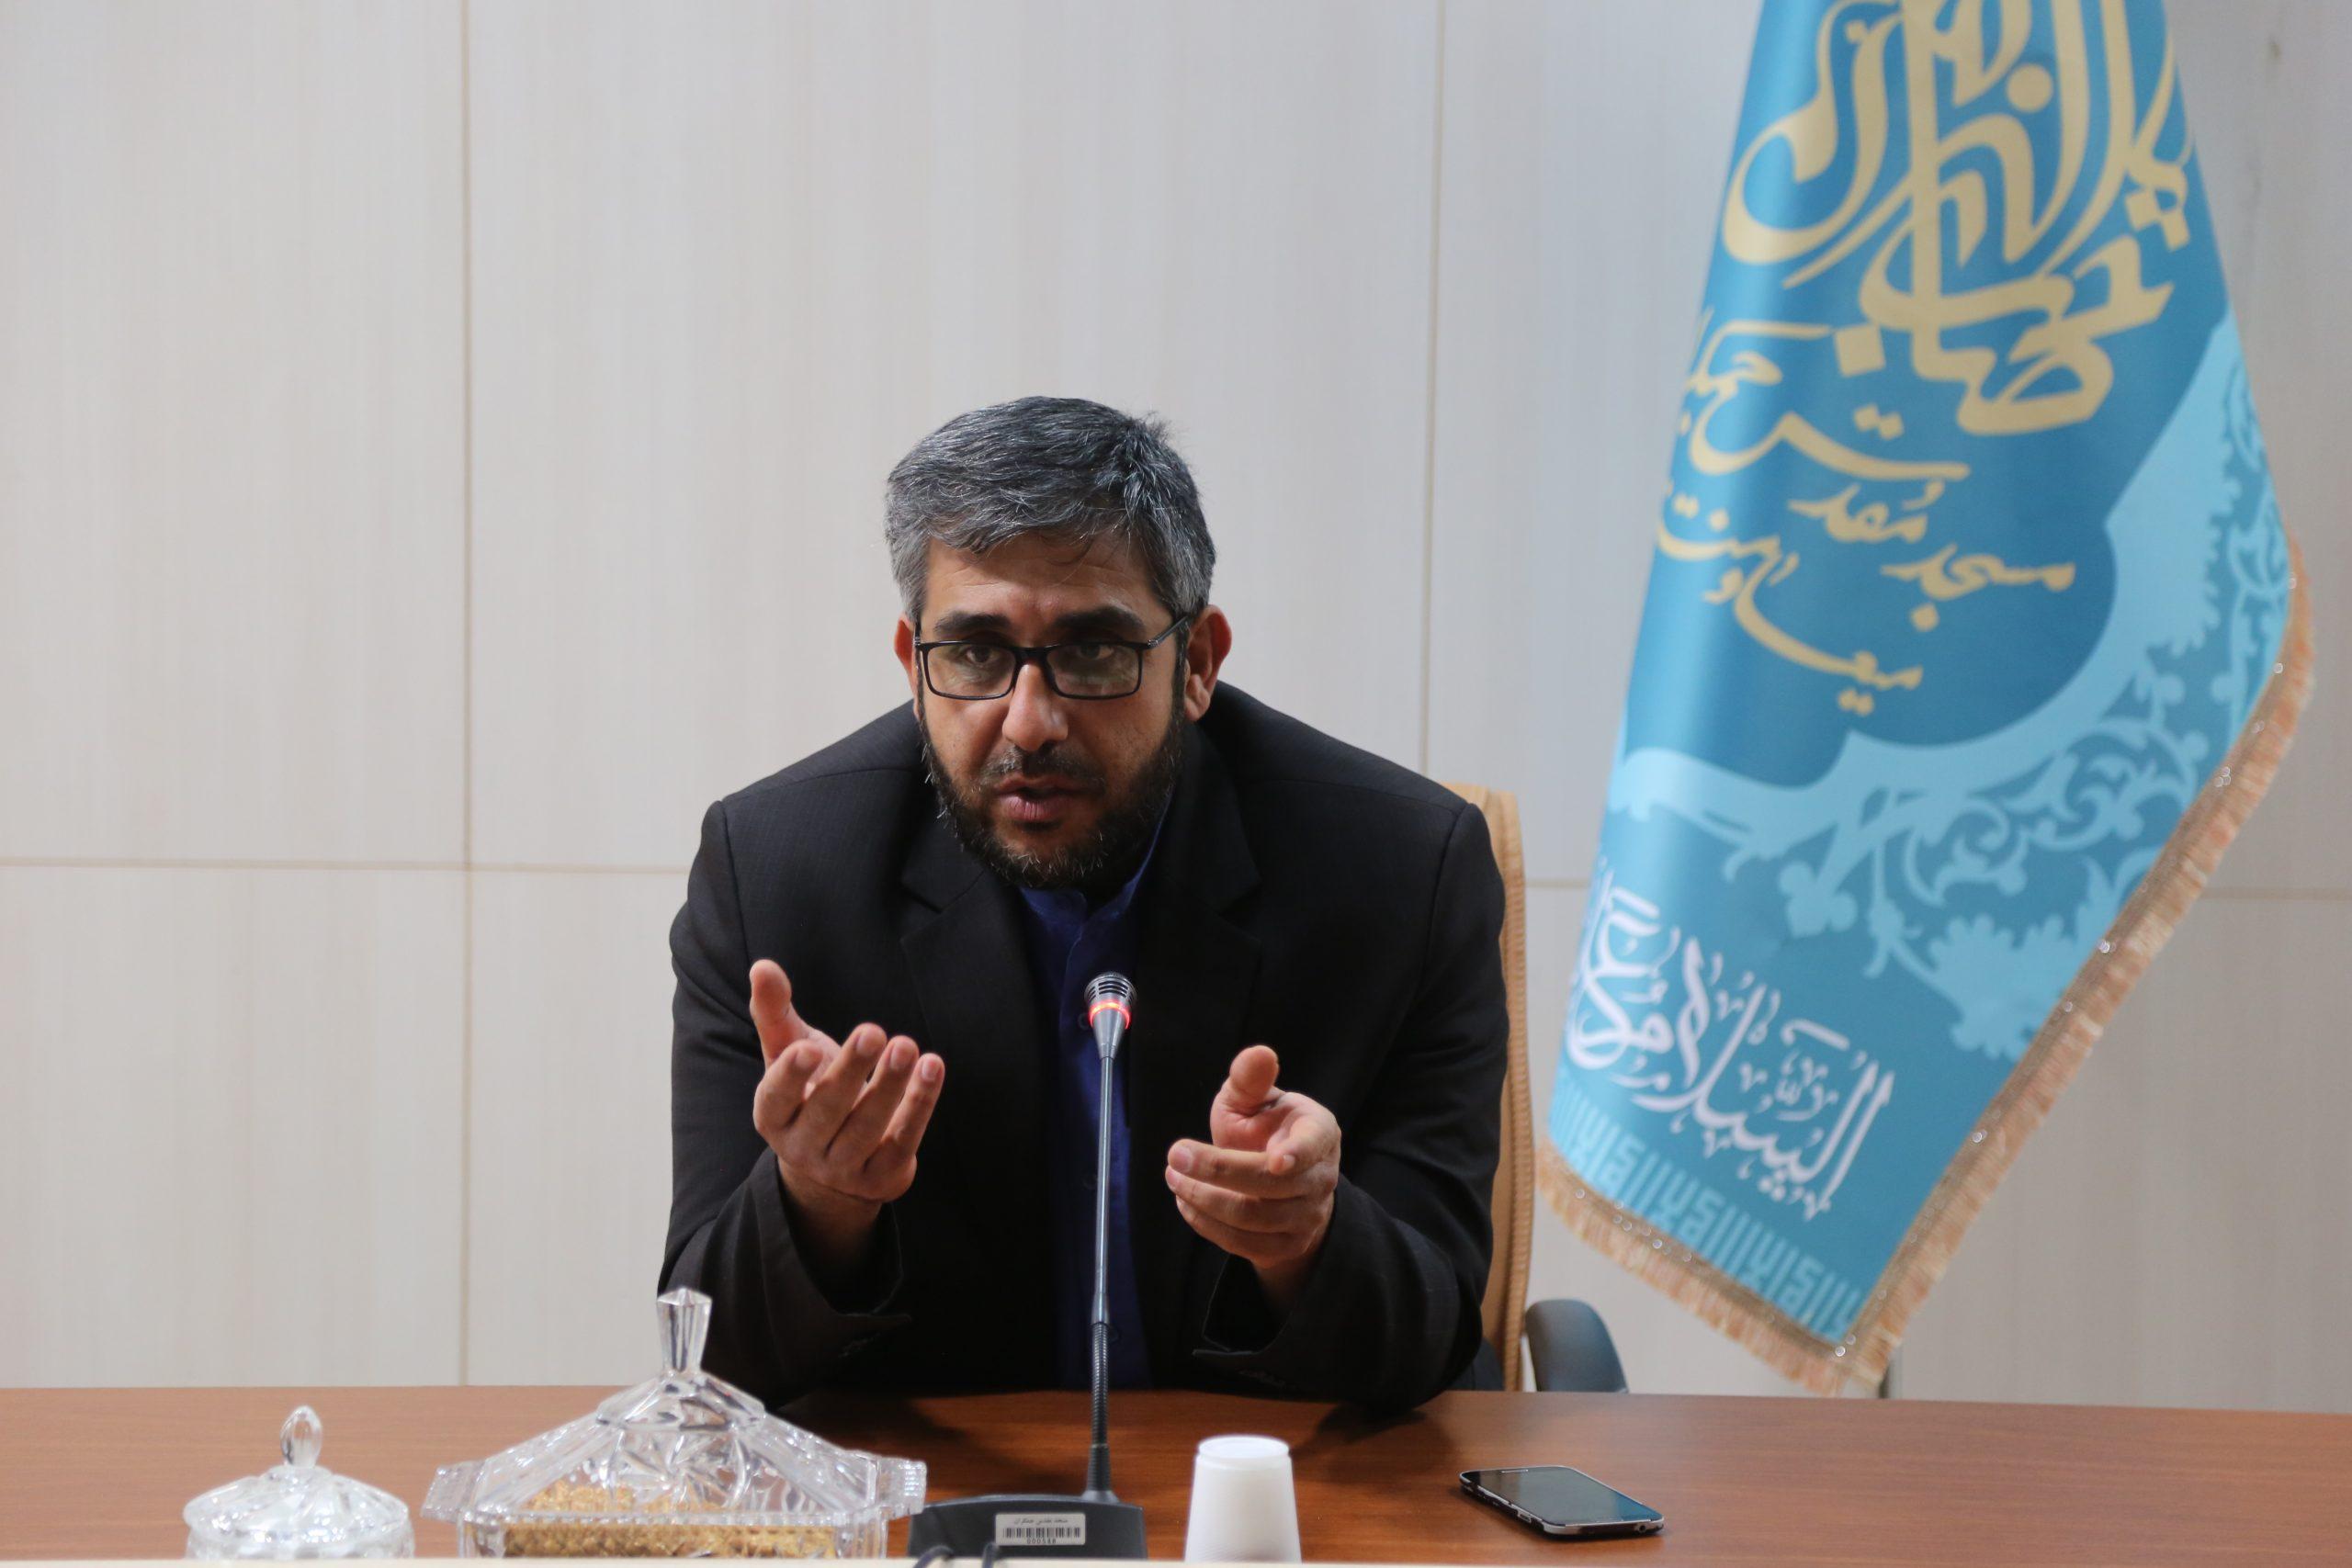 آموزش و تربیت ۱۳۵ کودک با تشکیل شناسنامه تربیتی/ تشکیل قرارگاه های مهدوی در مناطق مختلف استان تهران